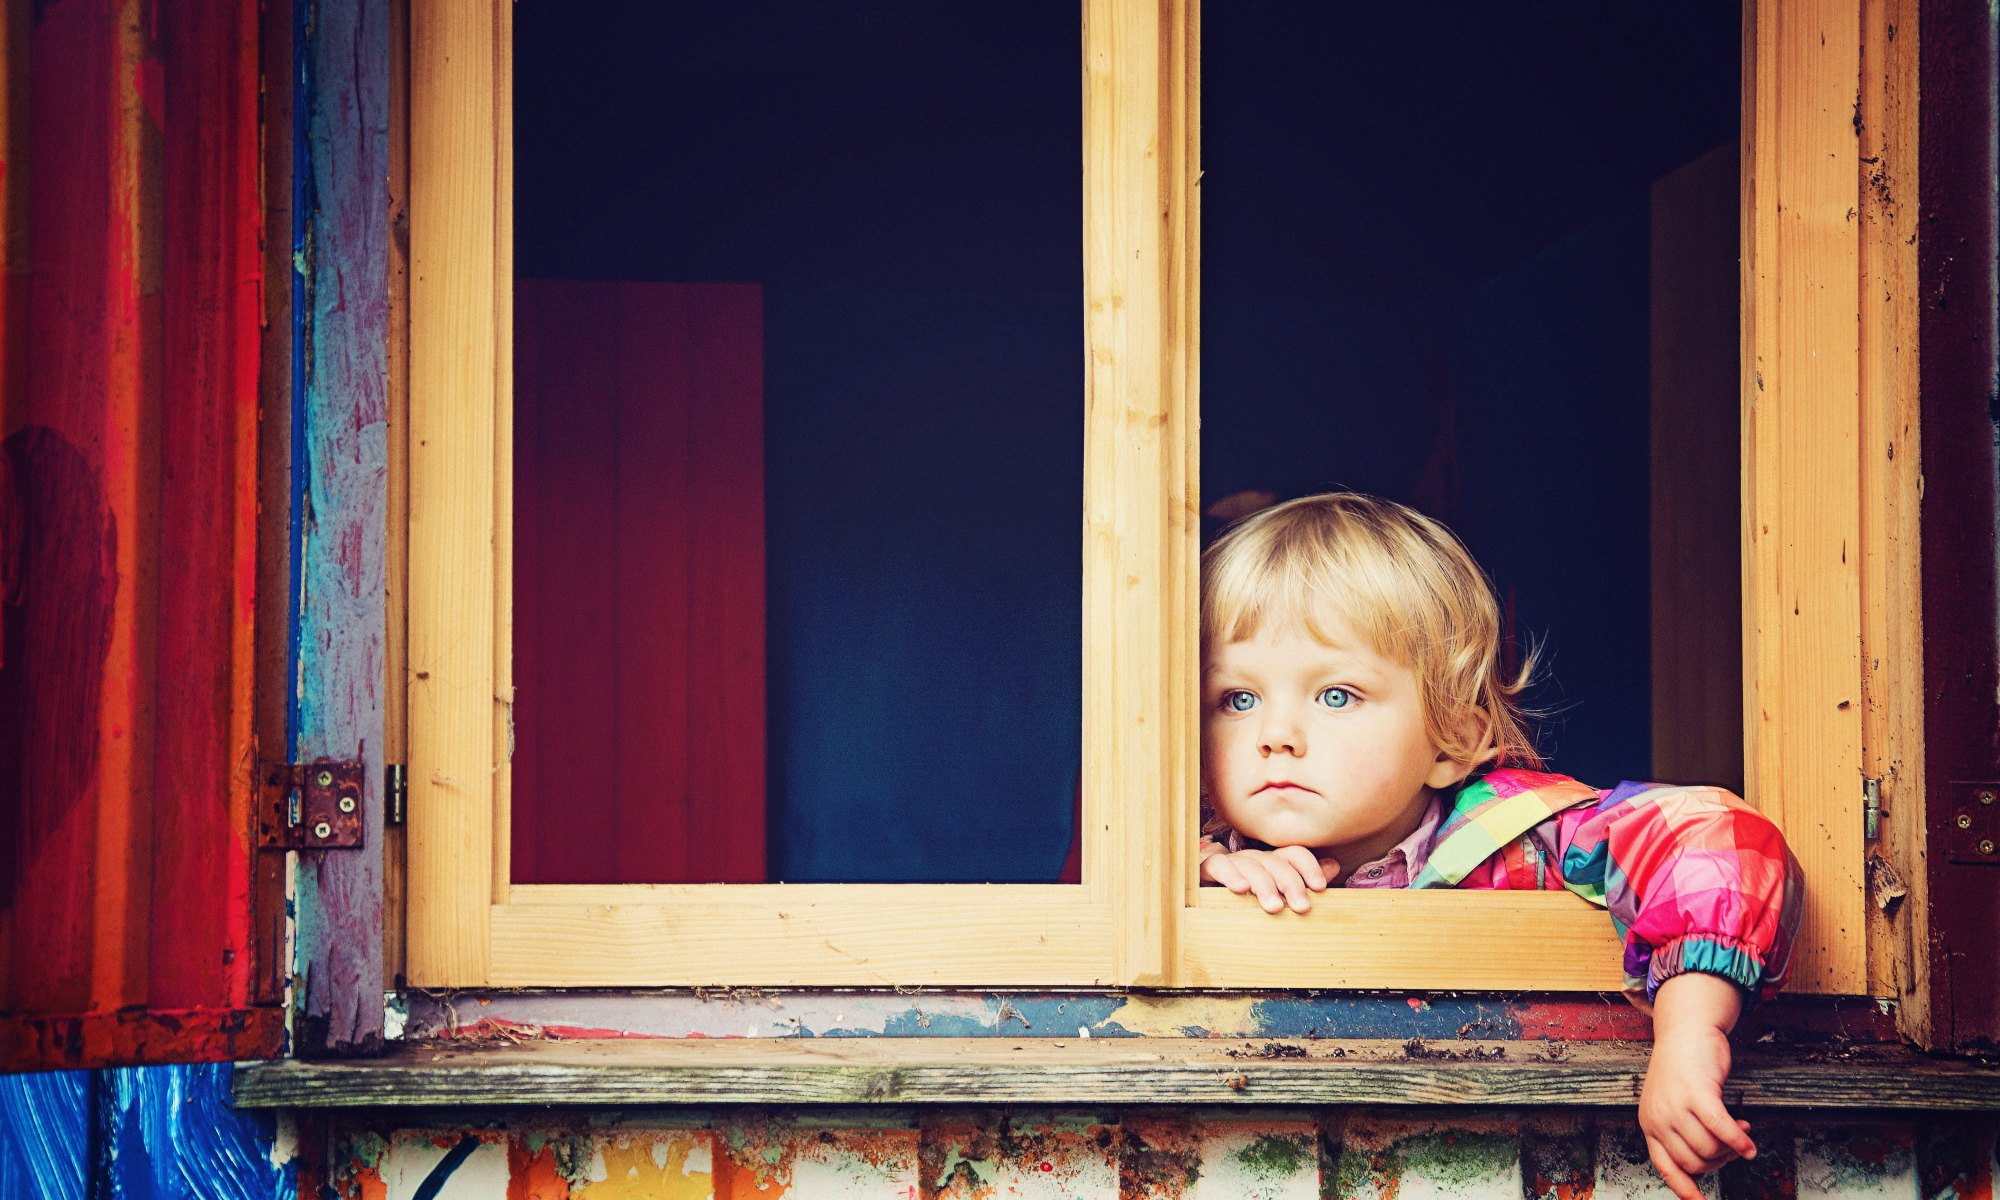 Acontecimientos Adversos de la Infancia ACE